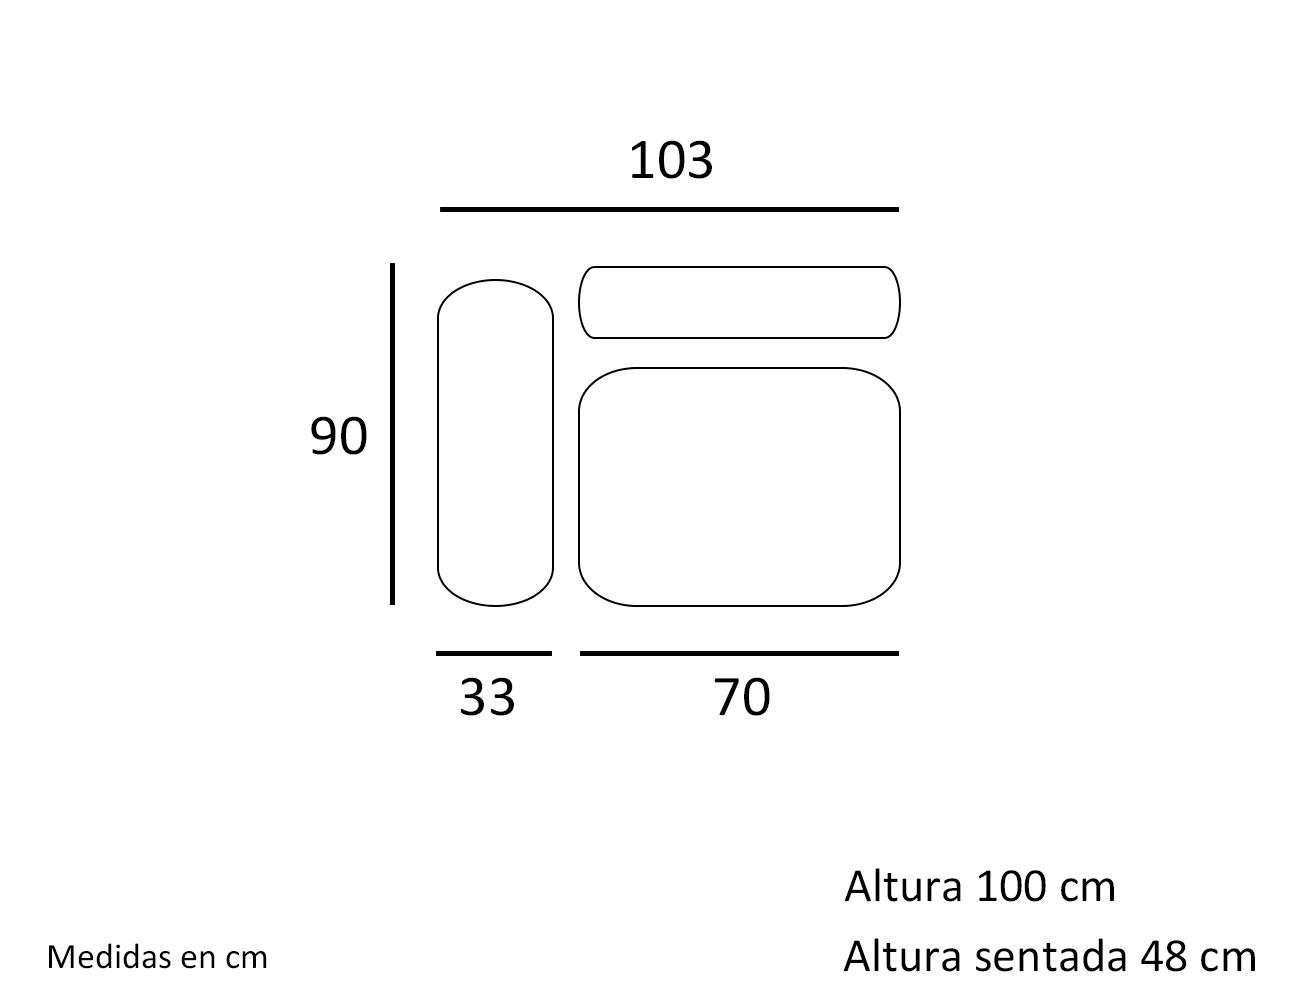 Croquis modulo 1 plaza con 1 brazo 103